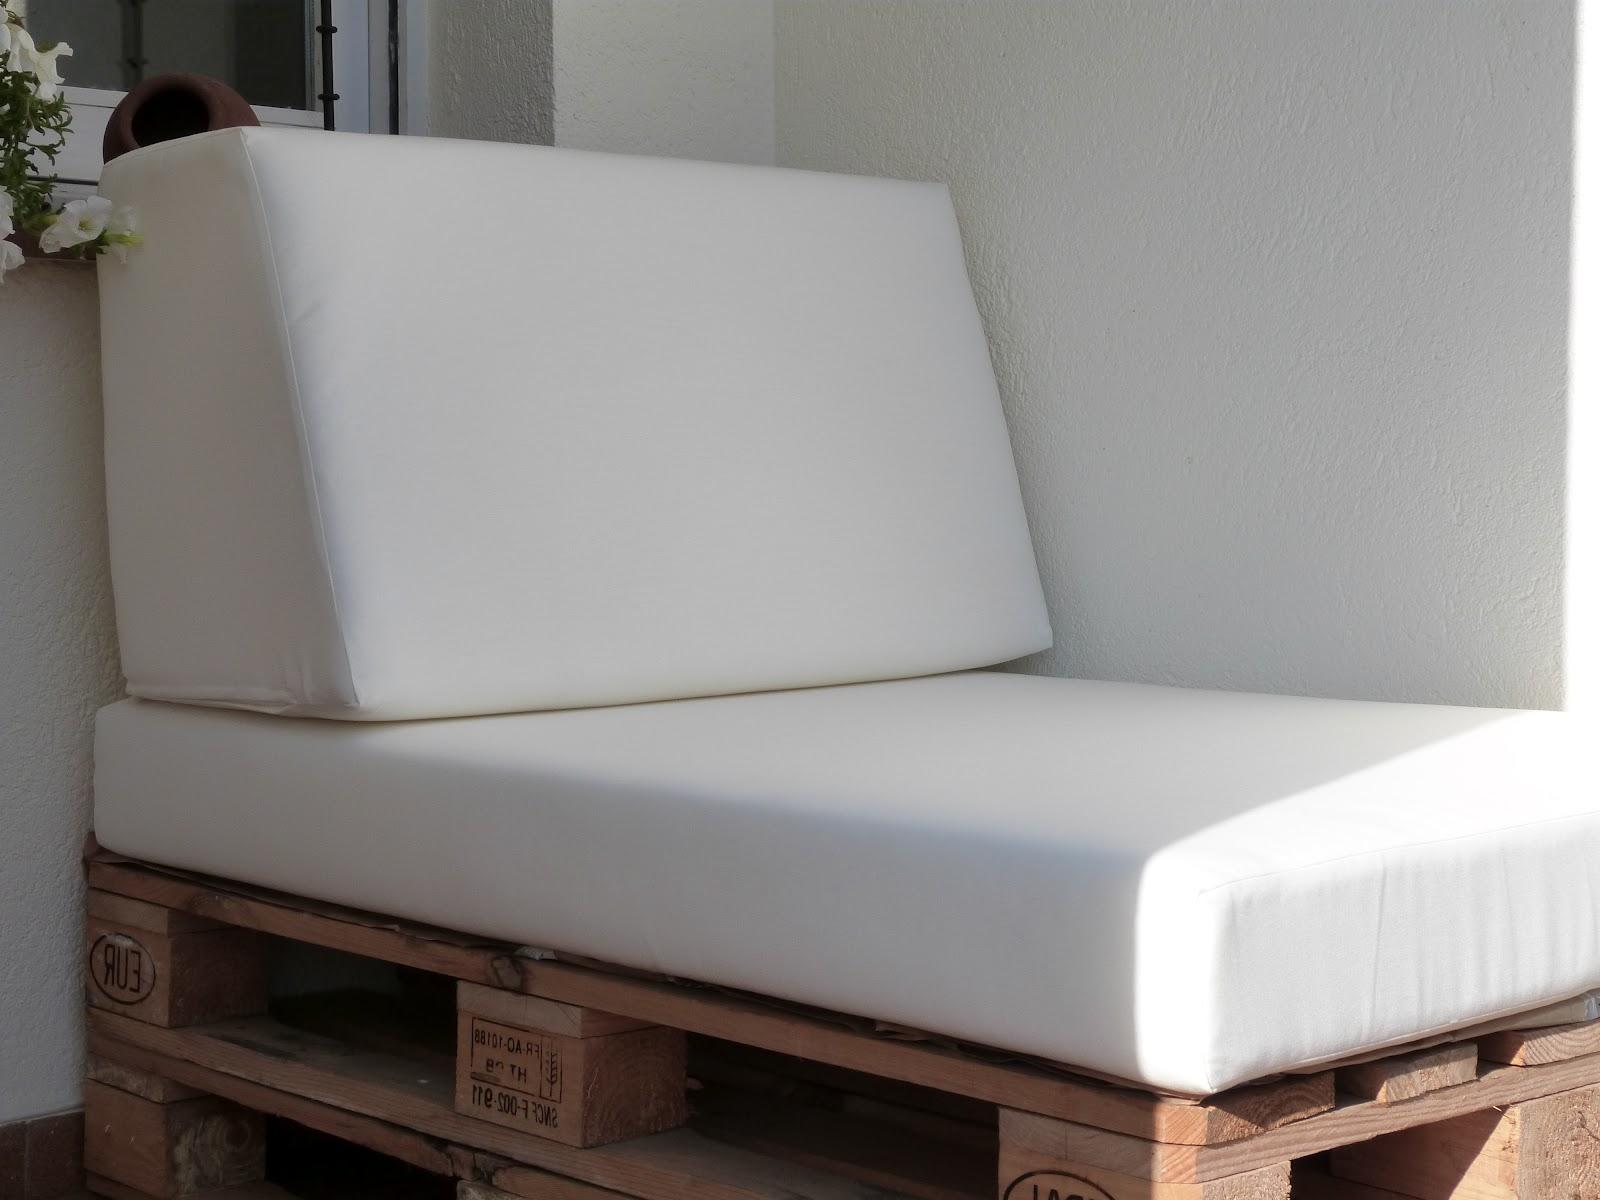 Relleno Para sofas Q0d4 Rellenos De Cojines Donde Prar Relleno Para Cojines Best Donde